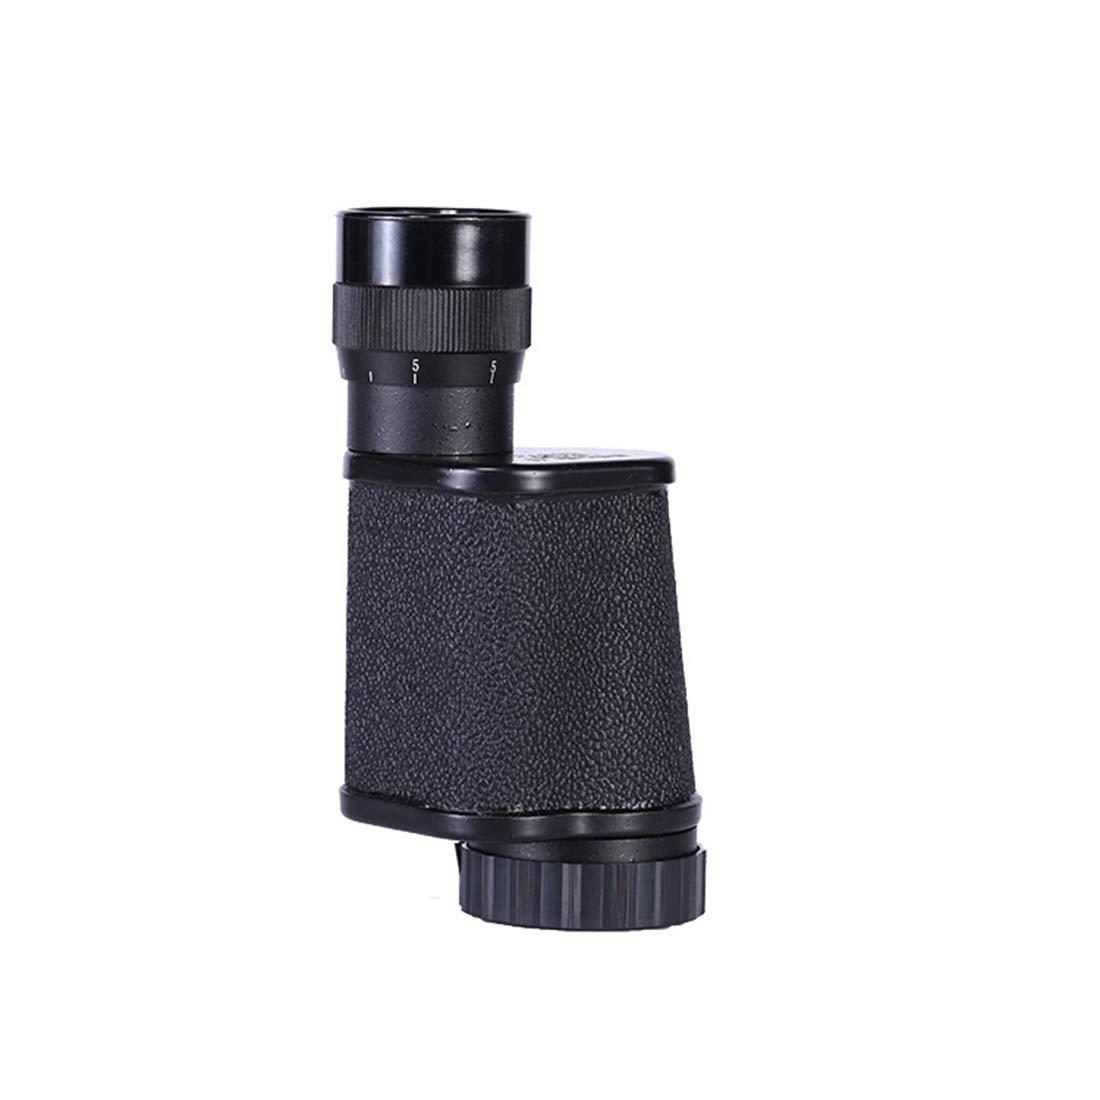 望遠鏡, 外部座標単眼高輝度低視界ナイト、アドベンチャー、屋外観察、釣り8X30   B07NZCWCLZ